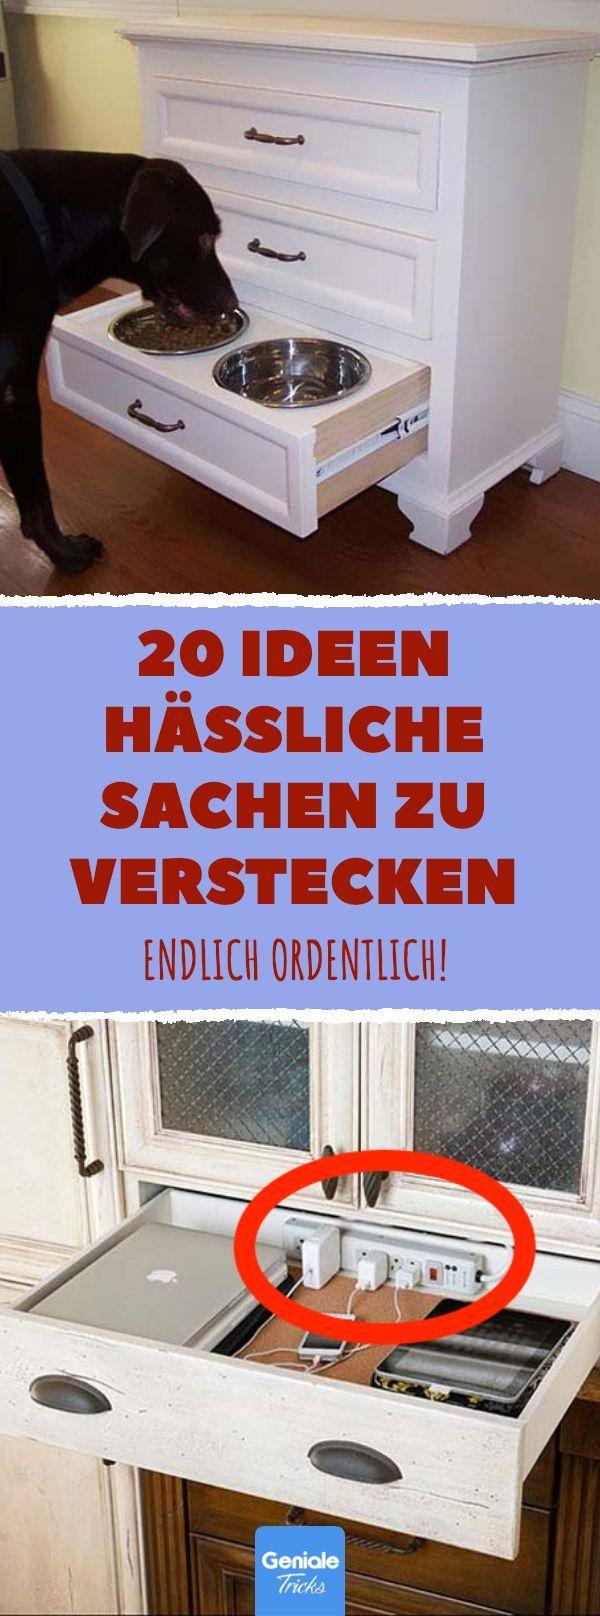 20 Ideen Um Hassliches Zeug Zu Verstecken Aufraumen Putzen Hacks Tipps Sachen Kinderzimmer Aufraumen Verstecken